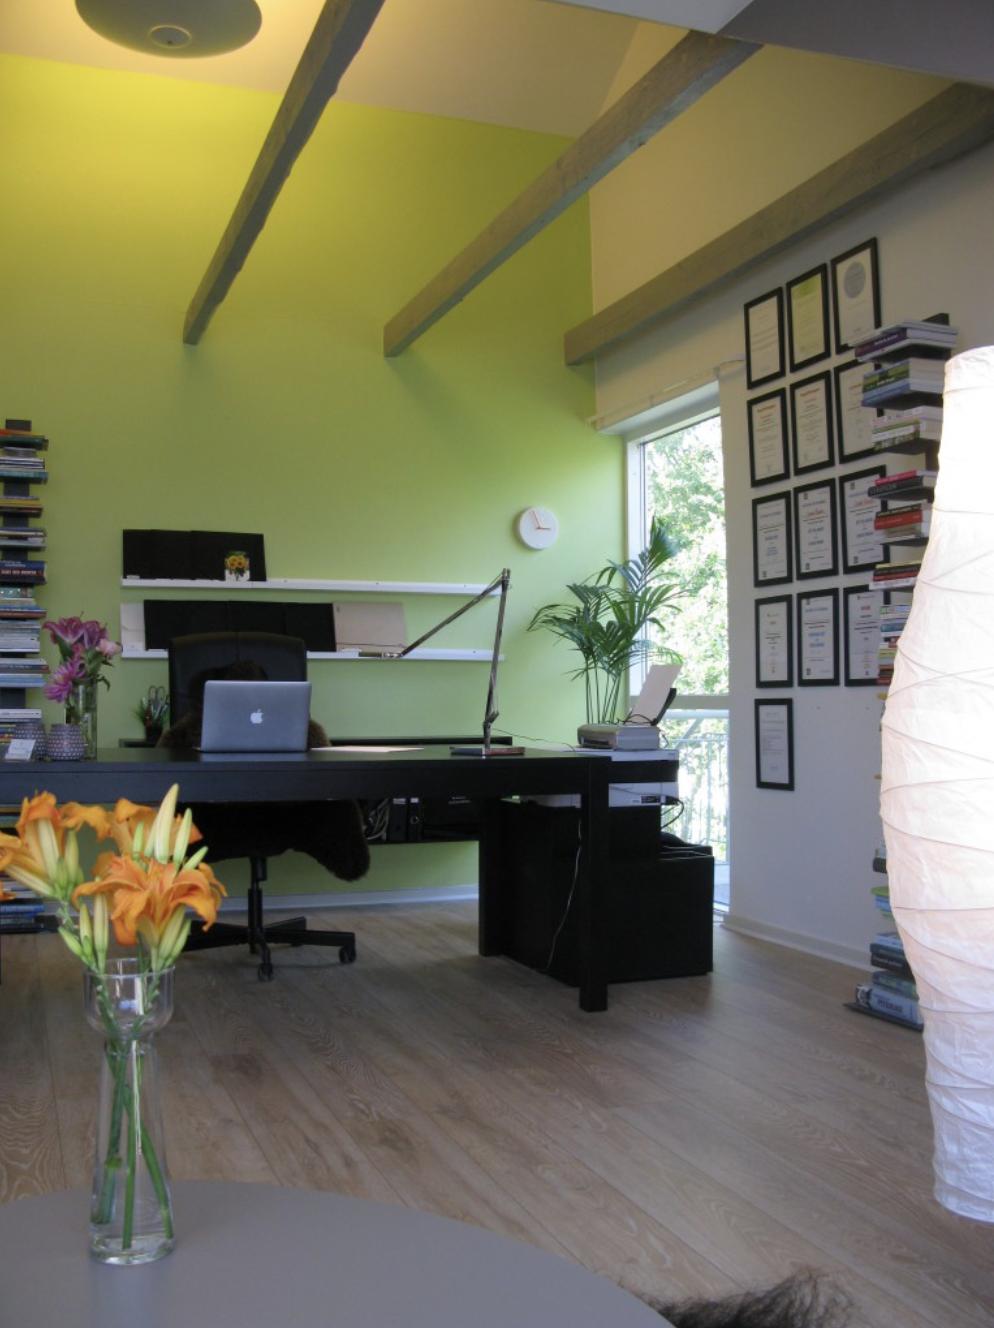 Oplevelsen af boligglæde giver et styrket arbejdsmiljø på arbejdspladsen.